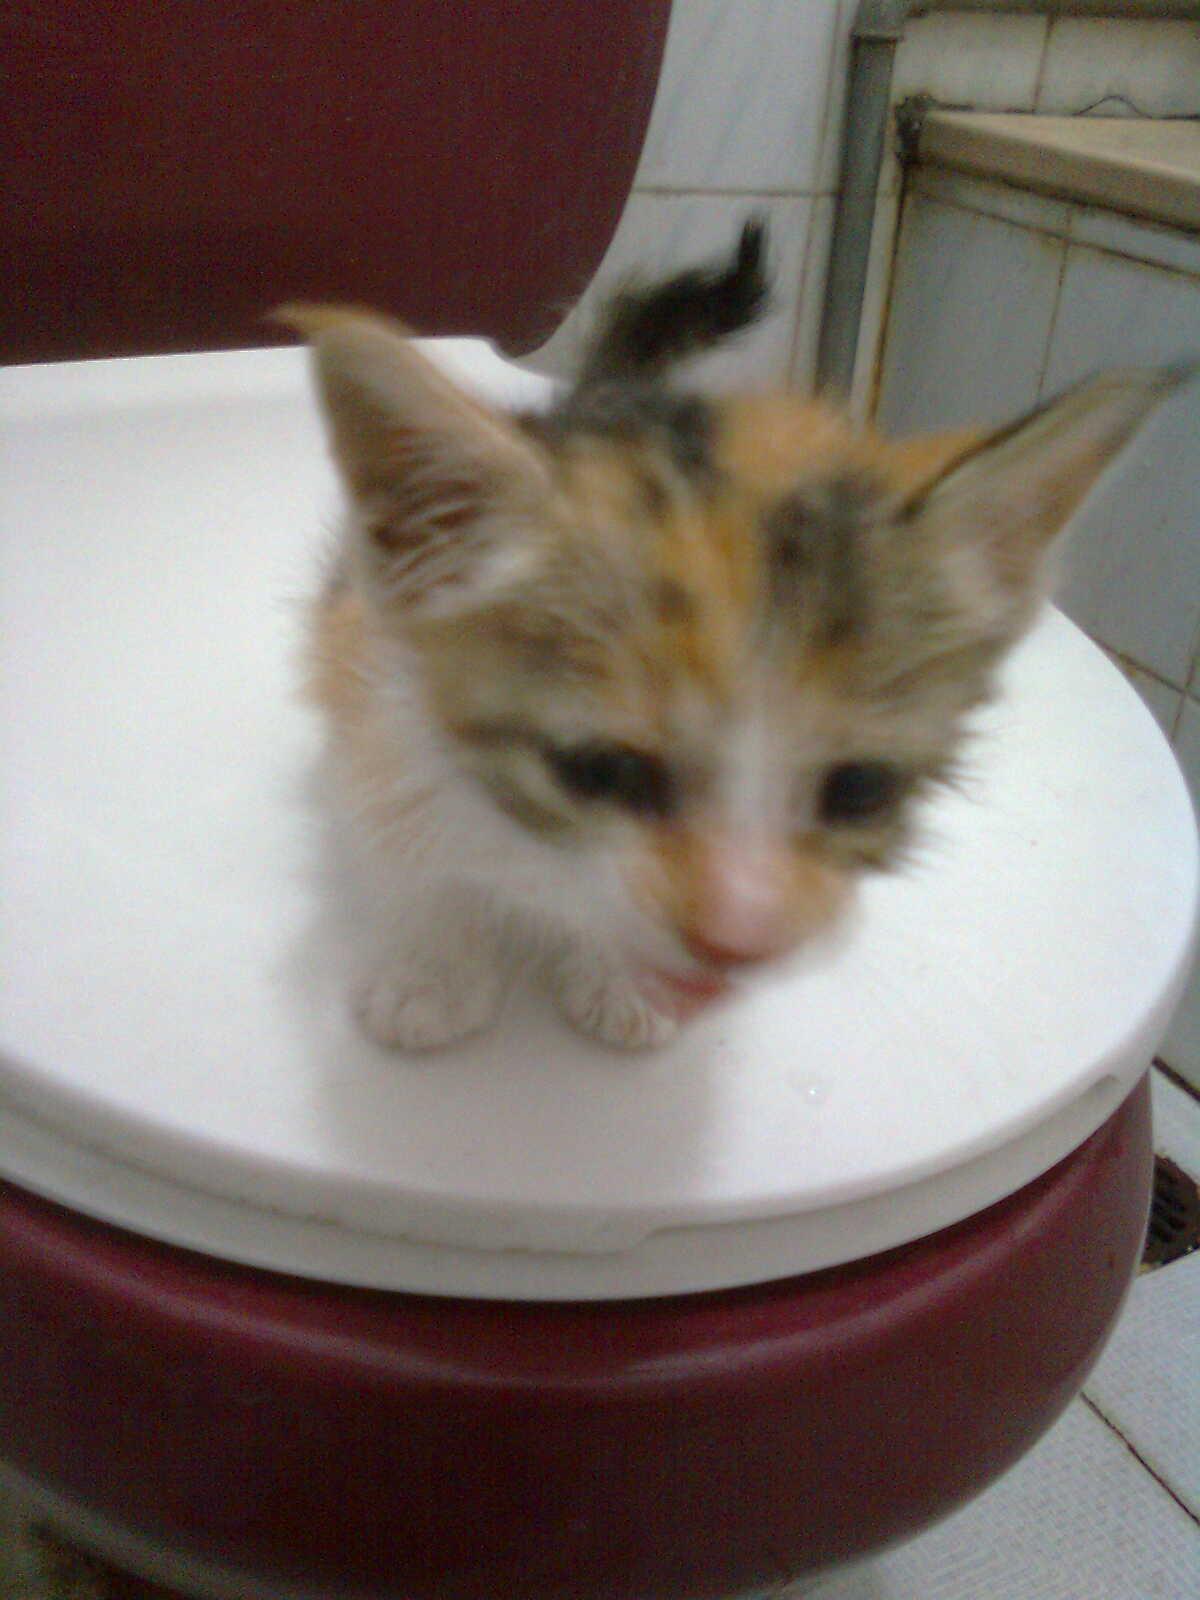 壁纸 动物 猫 猫咪 小猫 桌面 1200_1600 竖版 竖屏 手机